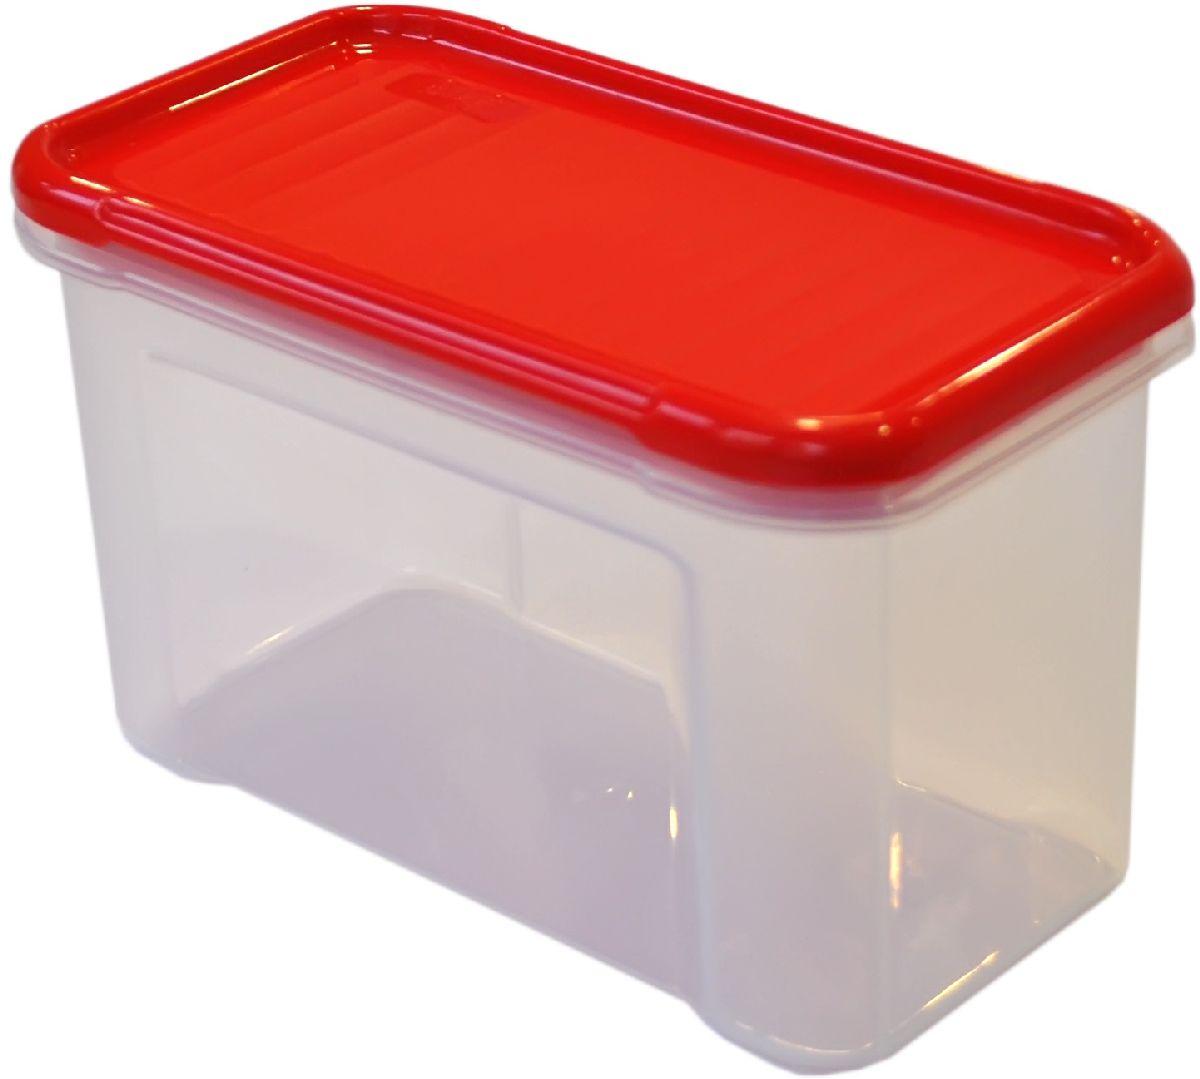 Банка для сыпучих продуктов Giaretti Krupa, цвет: красный, прозрачный, 0,75 лVT-1520(SR)Банки для сыпучих продуктов предназначены для хранения круп, сахара, макаронных изделий, сладостей и т.п., в том числе для продуктов с ярким ароматом (специи и пр.). Строгая прямоугольная форма банок поможет Вам организовать пространство максимально комфортно, не теряя полезную площадь. При этом банки устанавливаются одна на другую, что способствует экономии пространства в Вашем шкафу. Плотная крышка не пропускает запахи, и они не смешиваются в Вашем шкафу. Благодаря разнообразным отверстиям в дозаторе, Вам будет удобно насыпать как мелкие, так и крупные сыпучие продукты, что сделает процесс приготовления пищи проще.